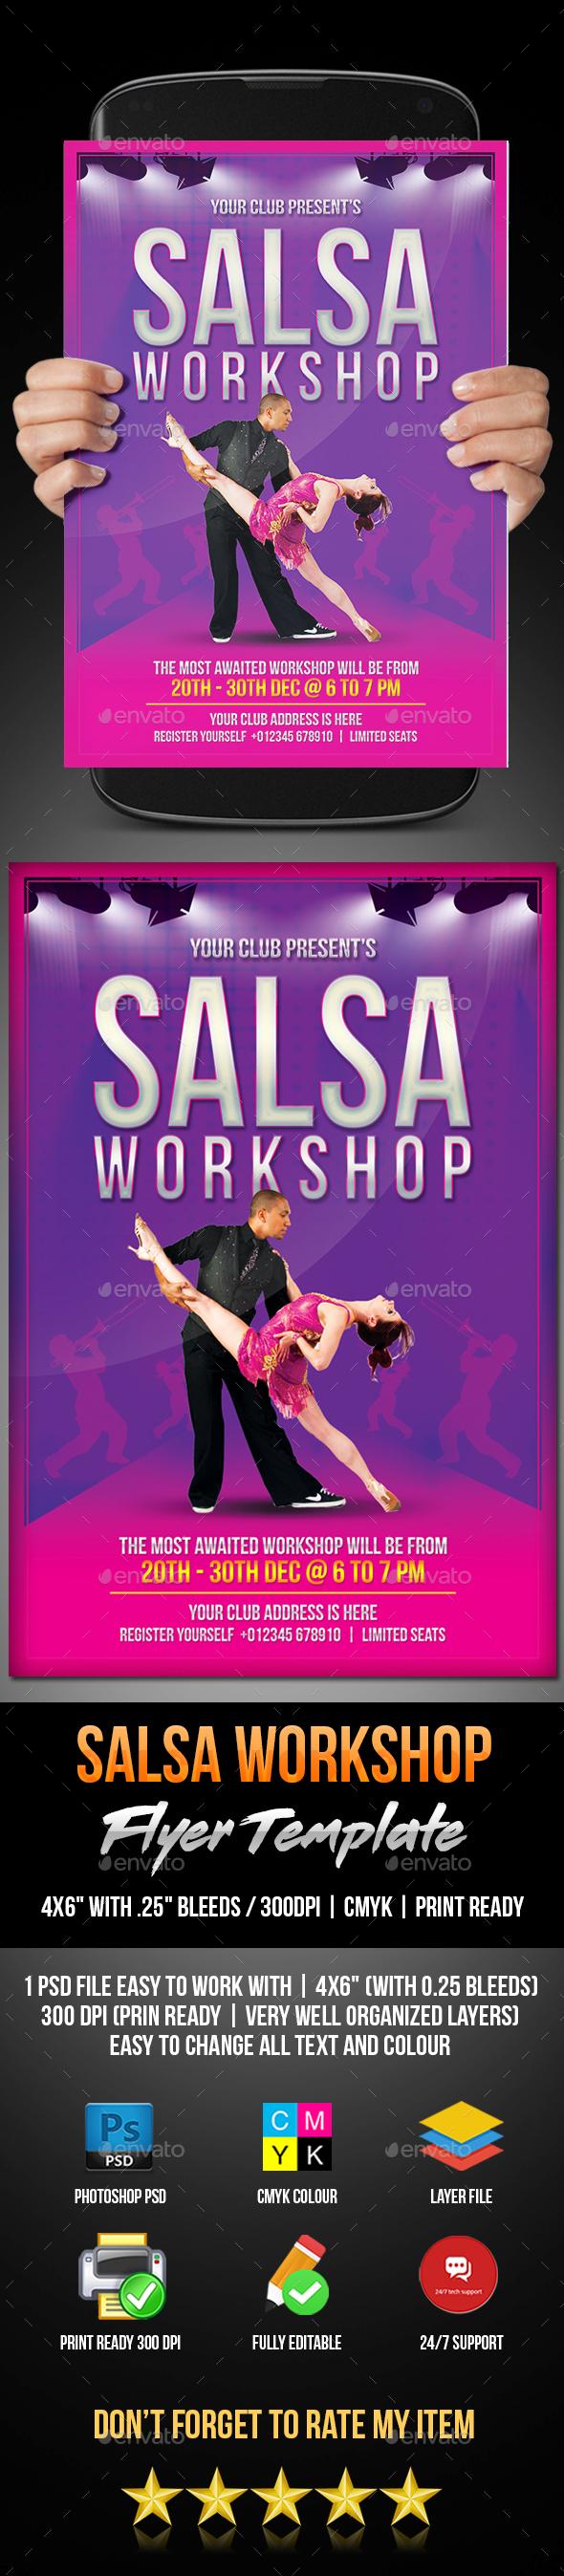 Salsa Workshop Flyer - Flyers Print Templates